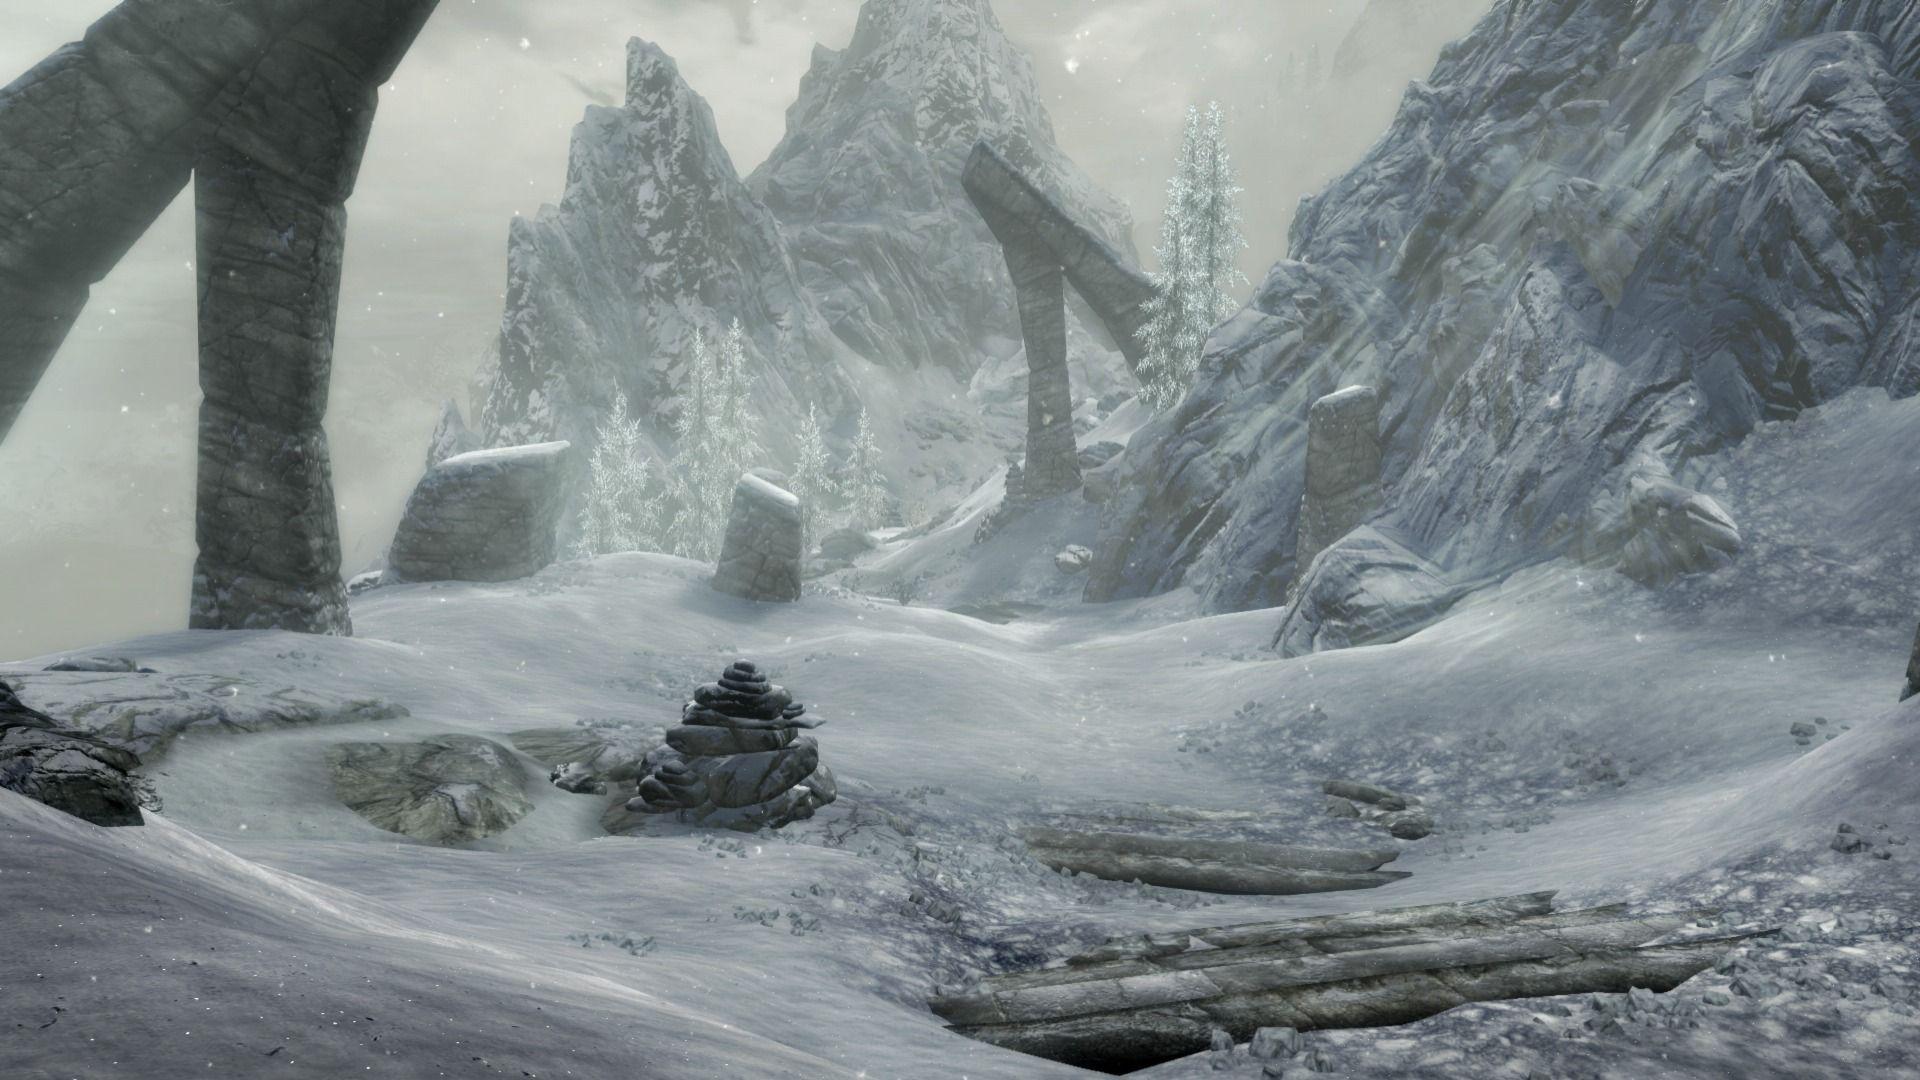 The Elder Scrolls V: Skyrim - Special Edition [v 1.2.39.0.8] (2016) PC | RePack от R.G. Механики - Скриншот 2